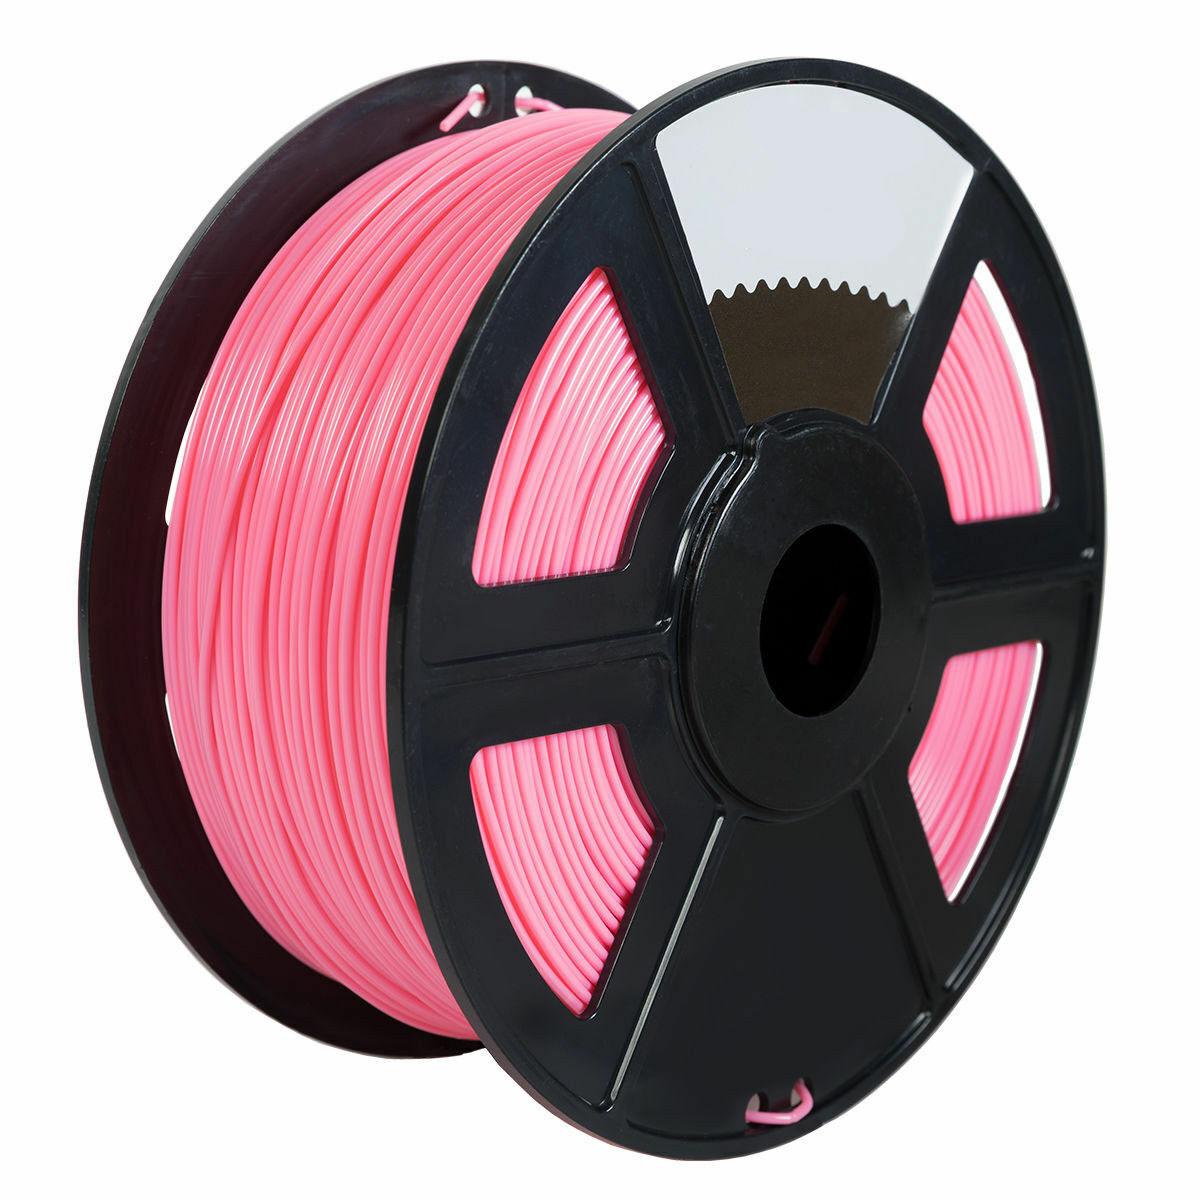 3D Printer Premium PETG Filament 1.75mm 1kg/2.2lb - Pink